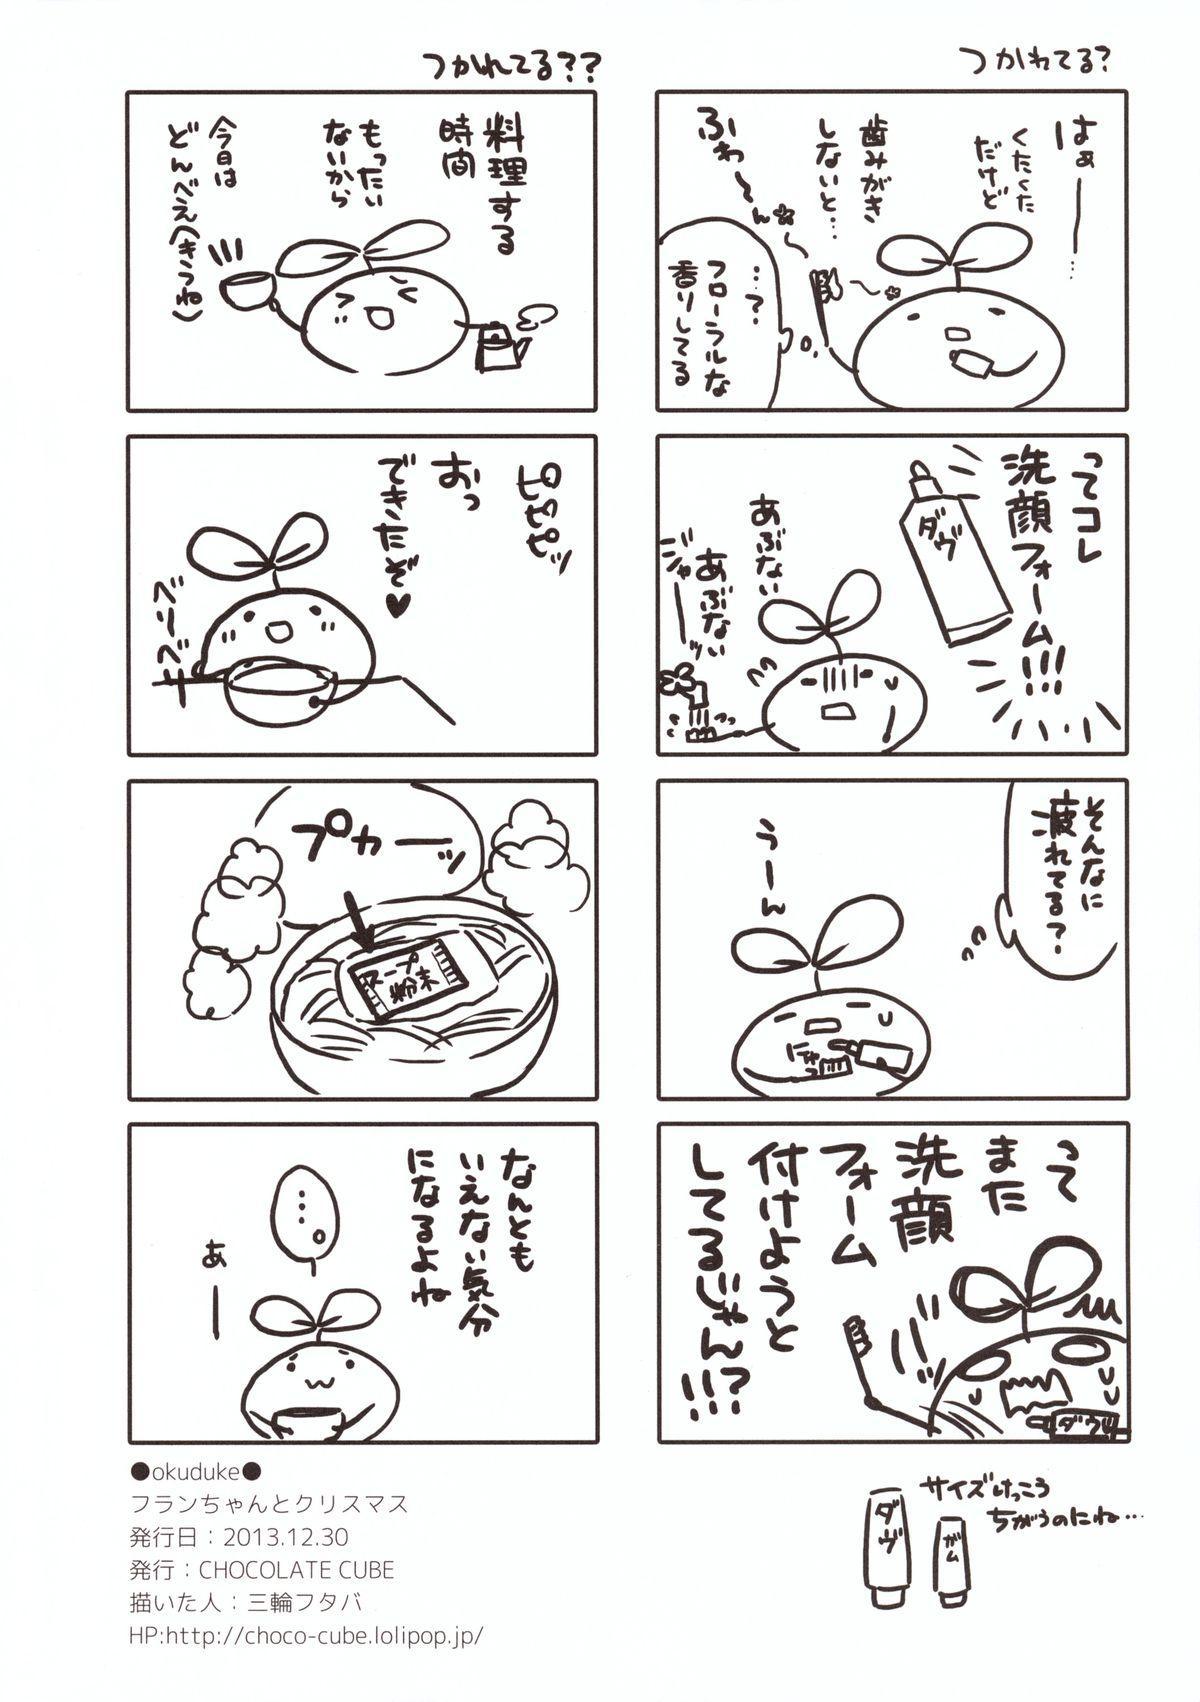 Flan-chan to Christmas 18